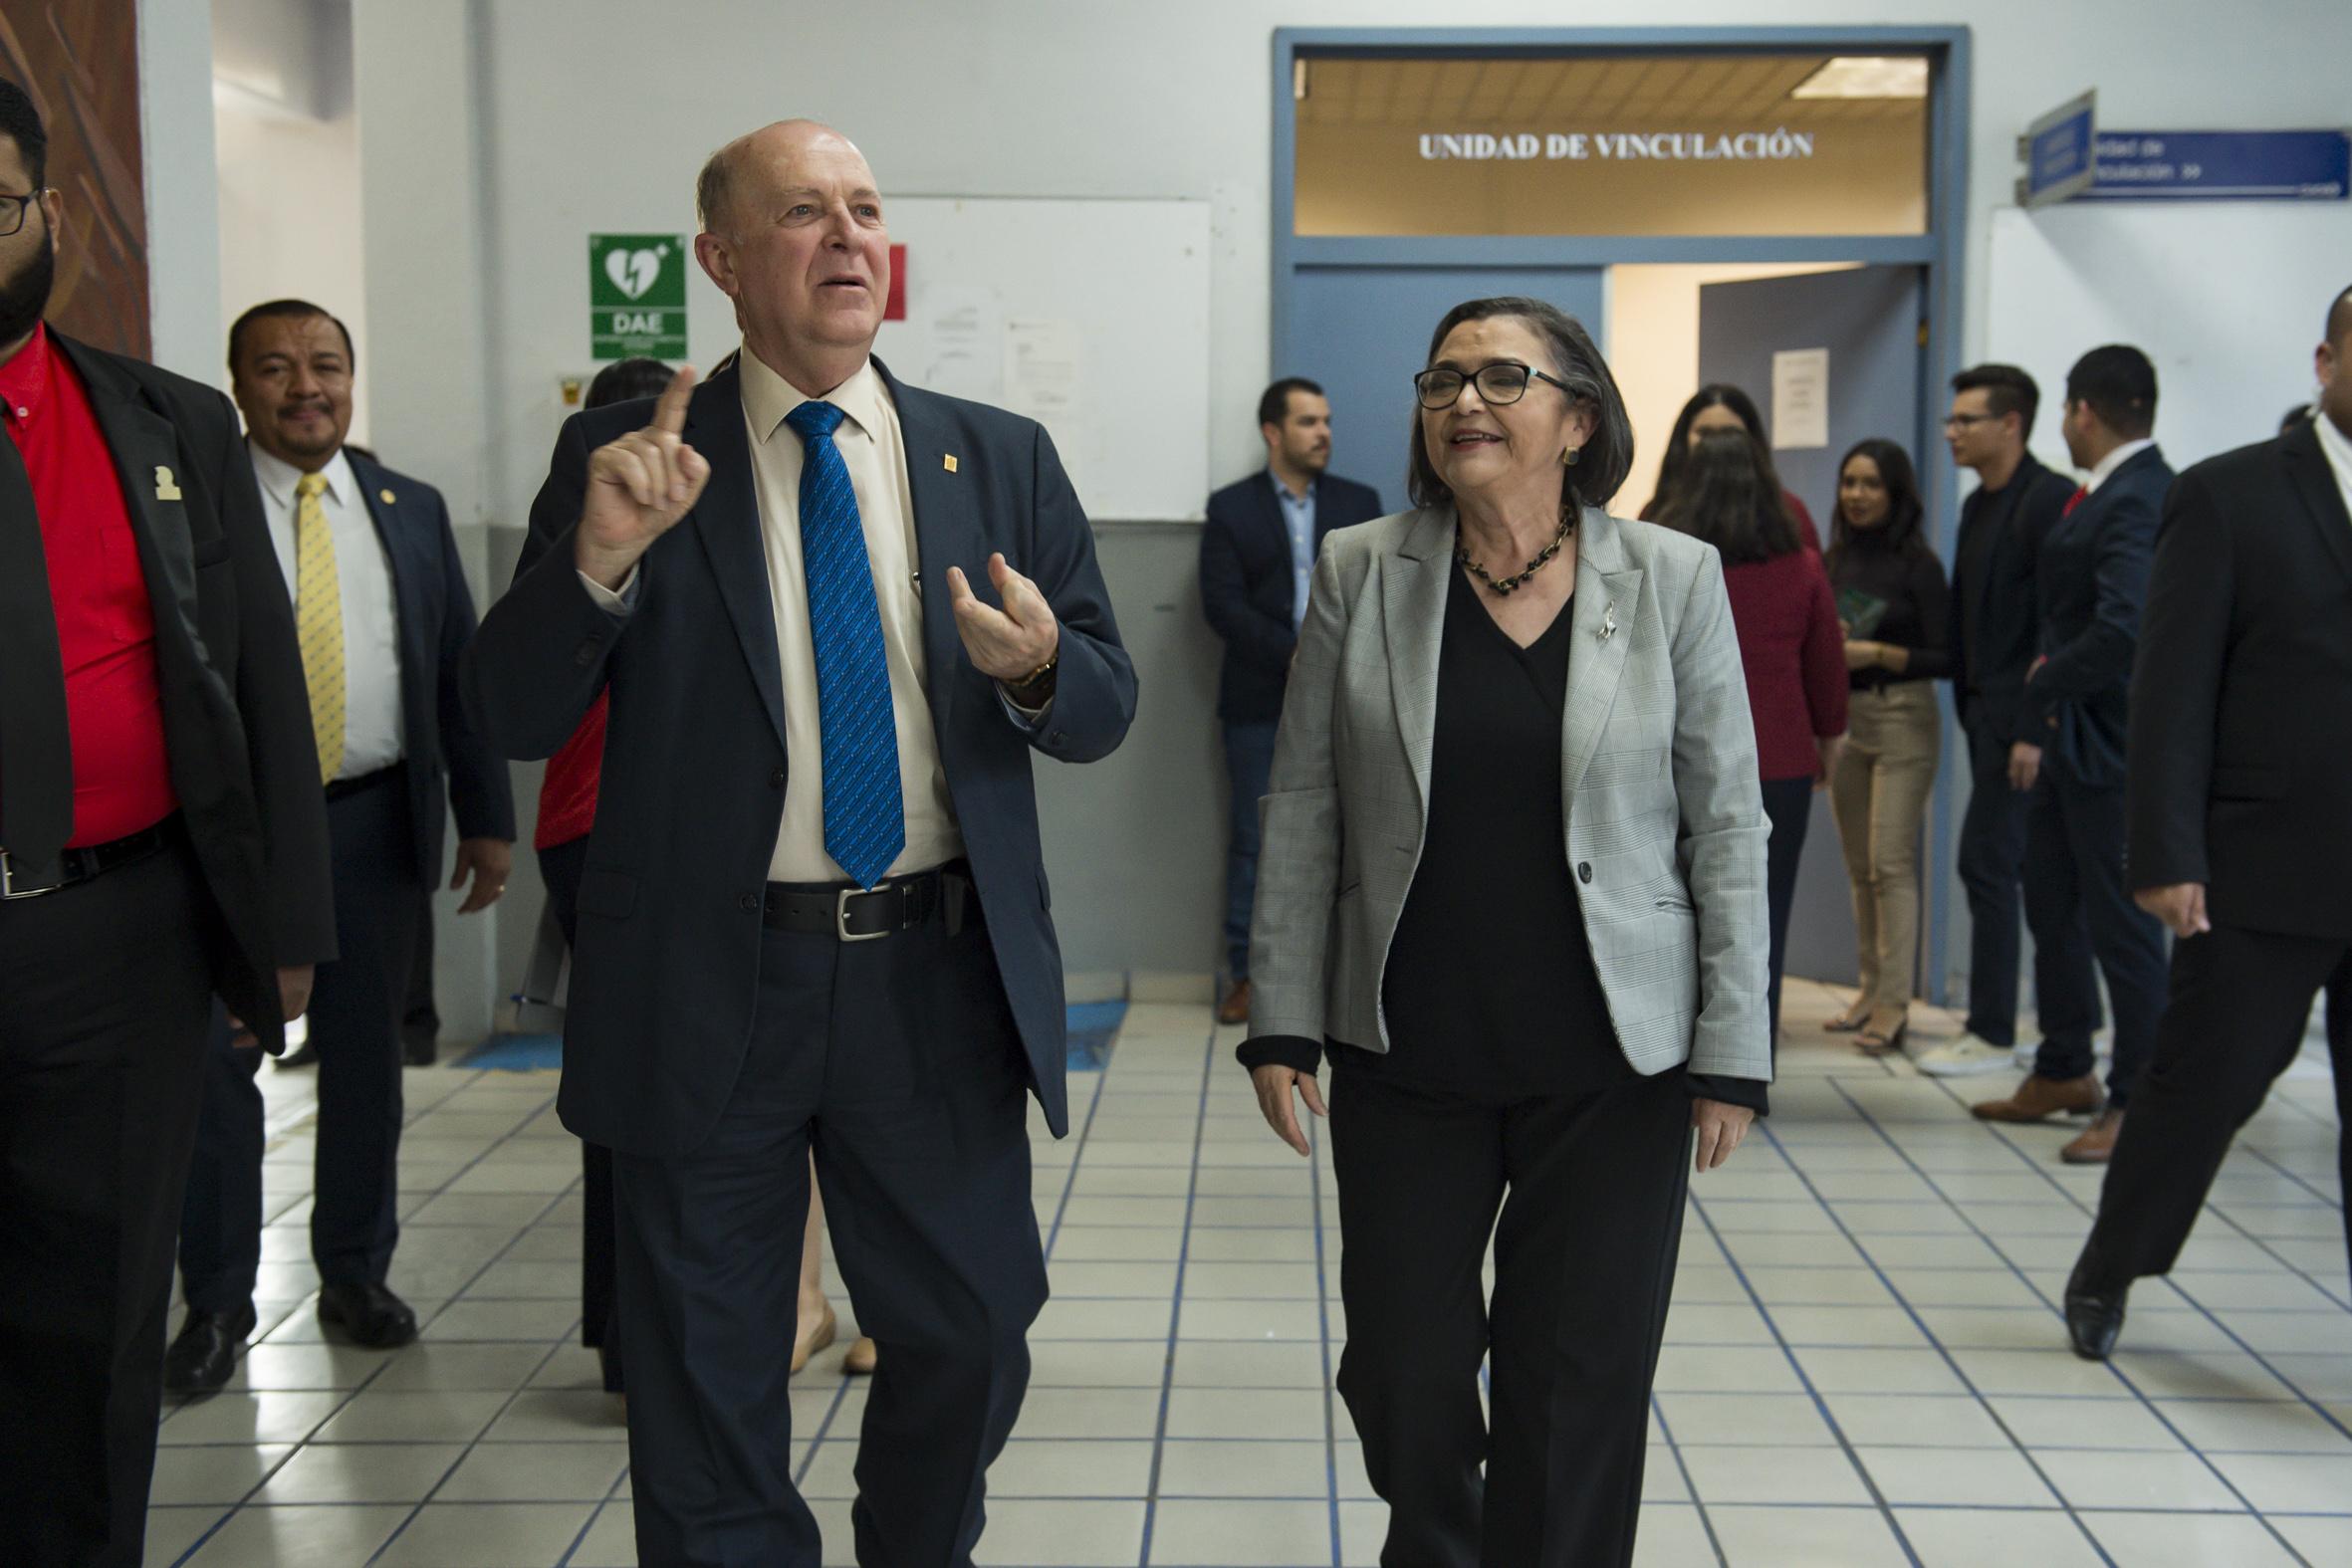 Rector General de la Universidad de Guadalajara, doctor Miguel Ángel Navarro Navarro y la doctora Ruth Padilla Muñoz caminando en los pasillos del CUCEI